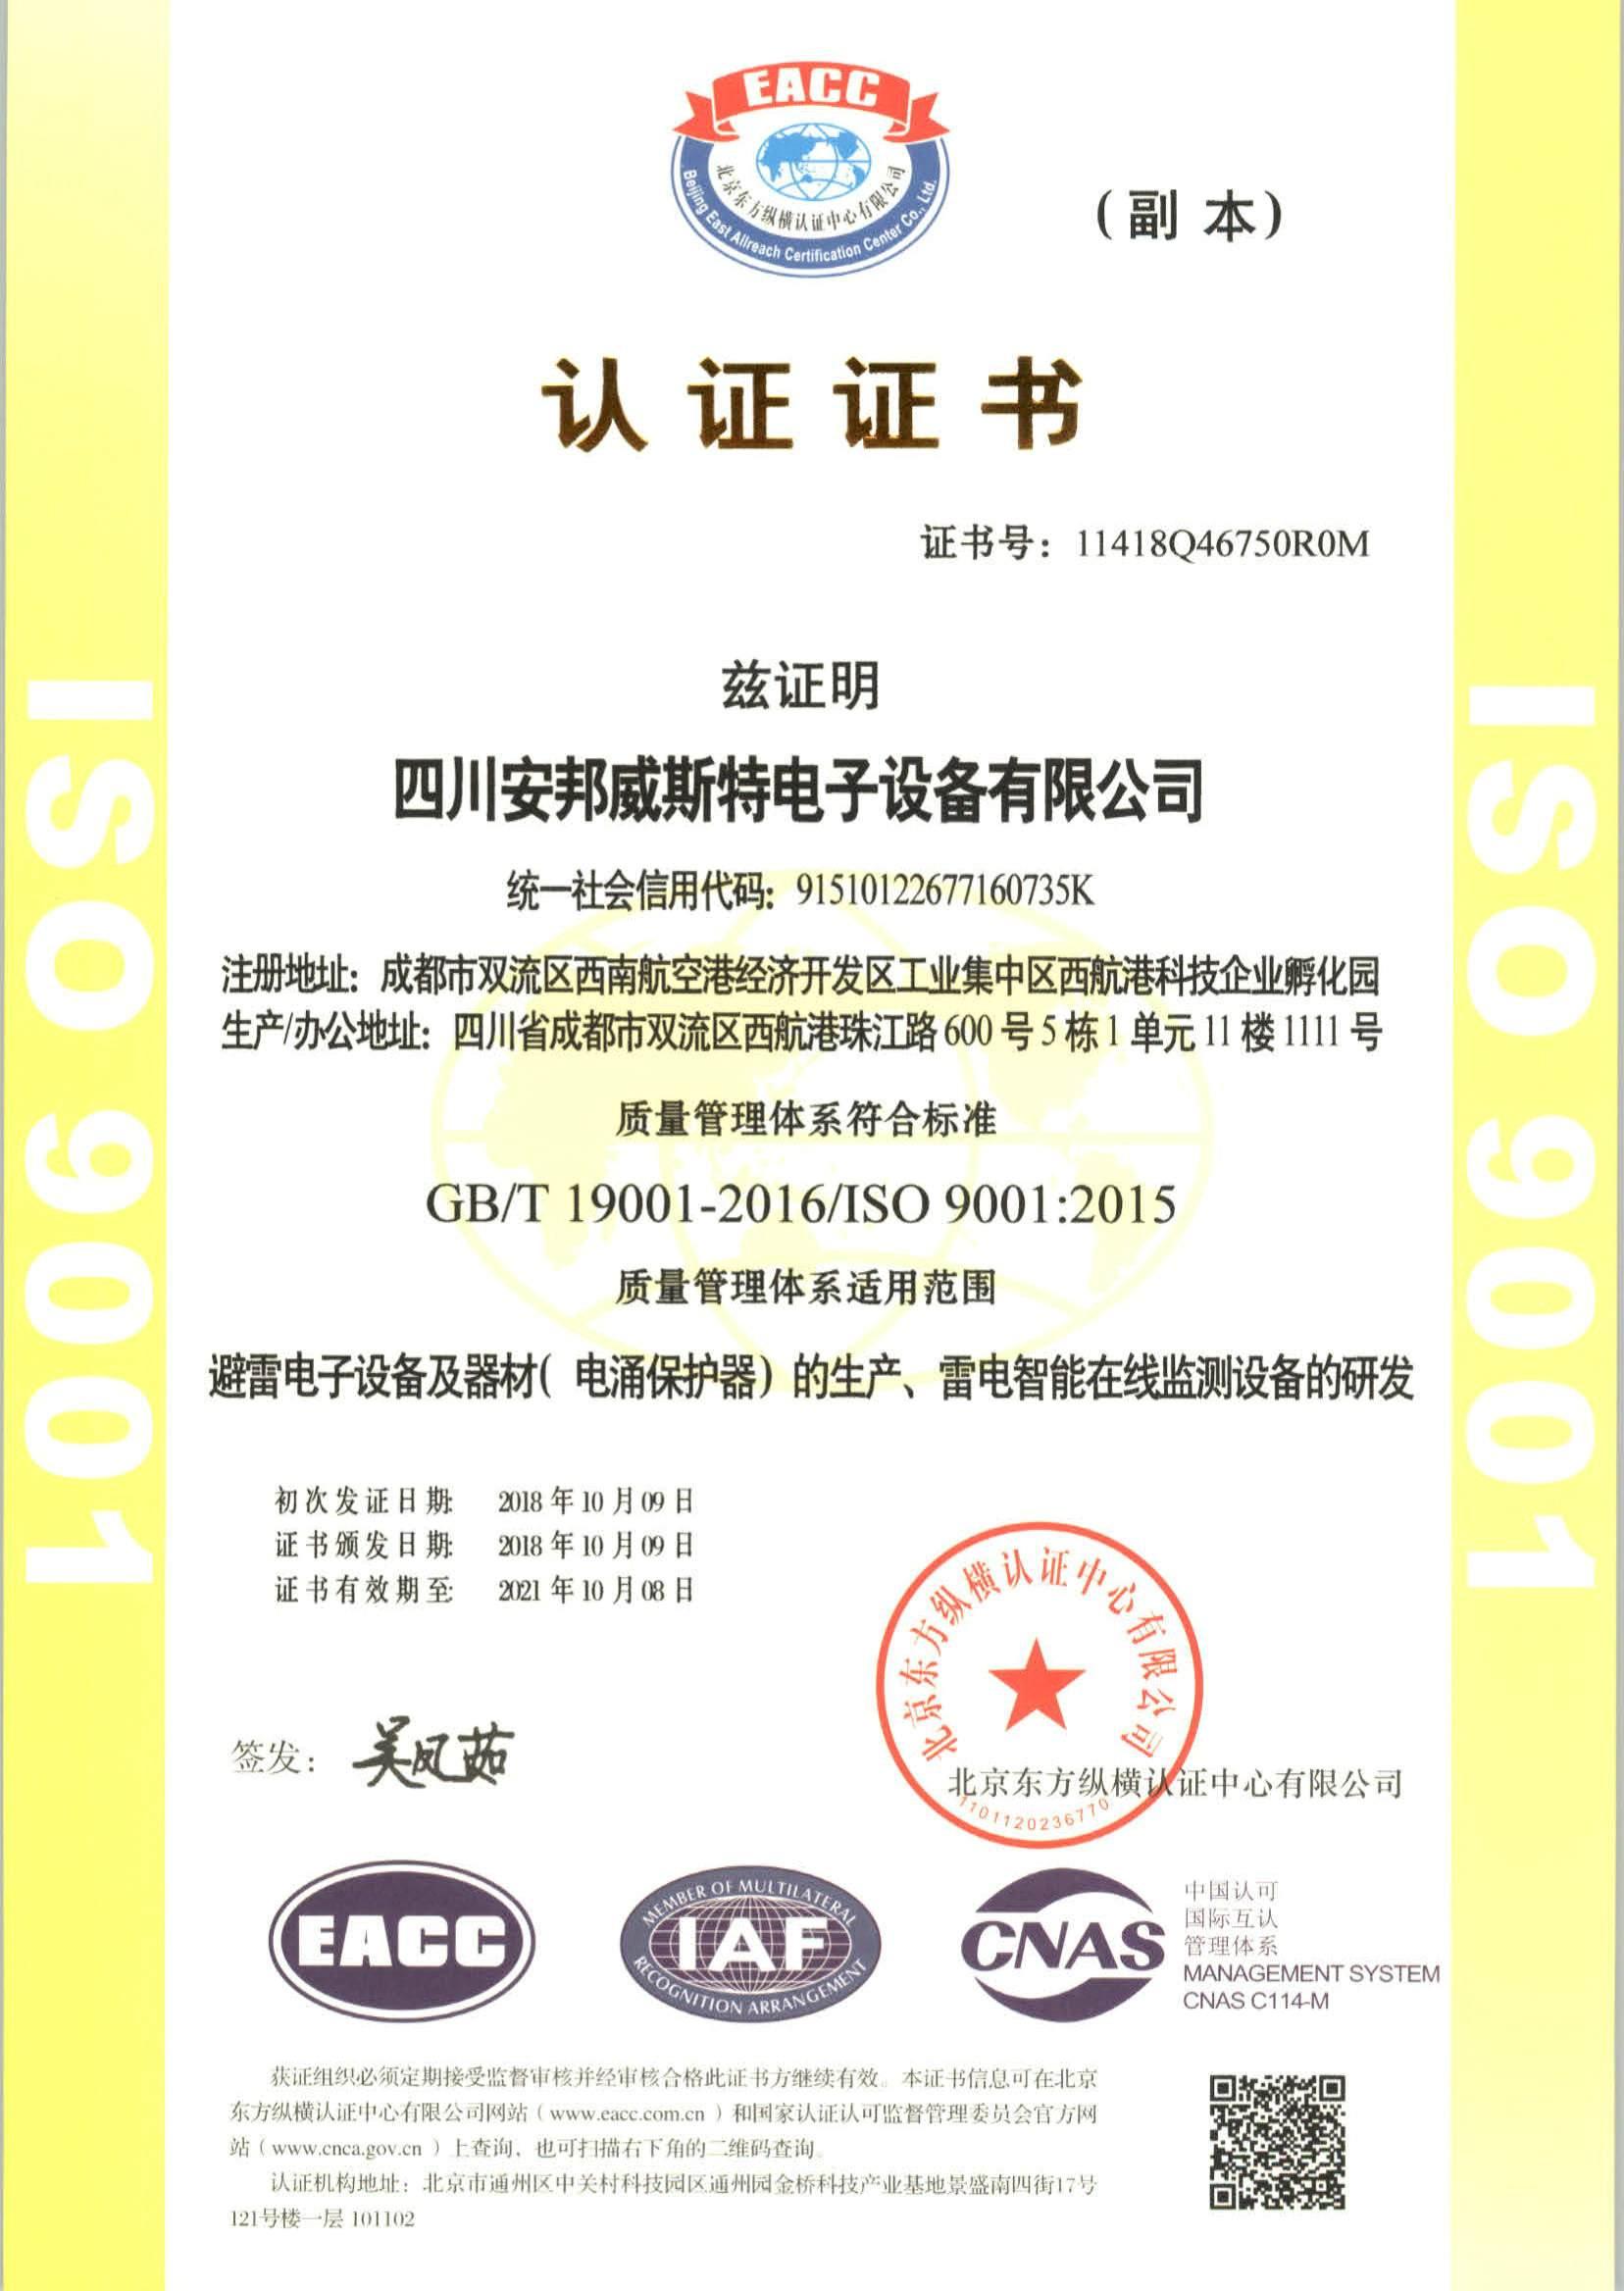 資質榮譽|公司簡介-四川AG娱乐電子設備有限公司